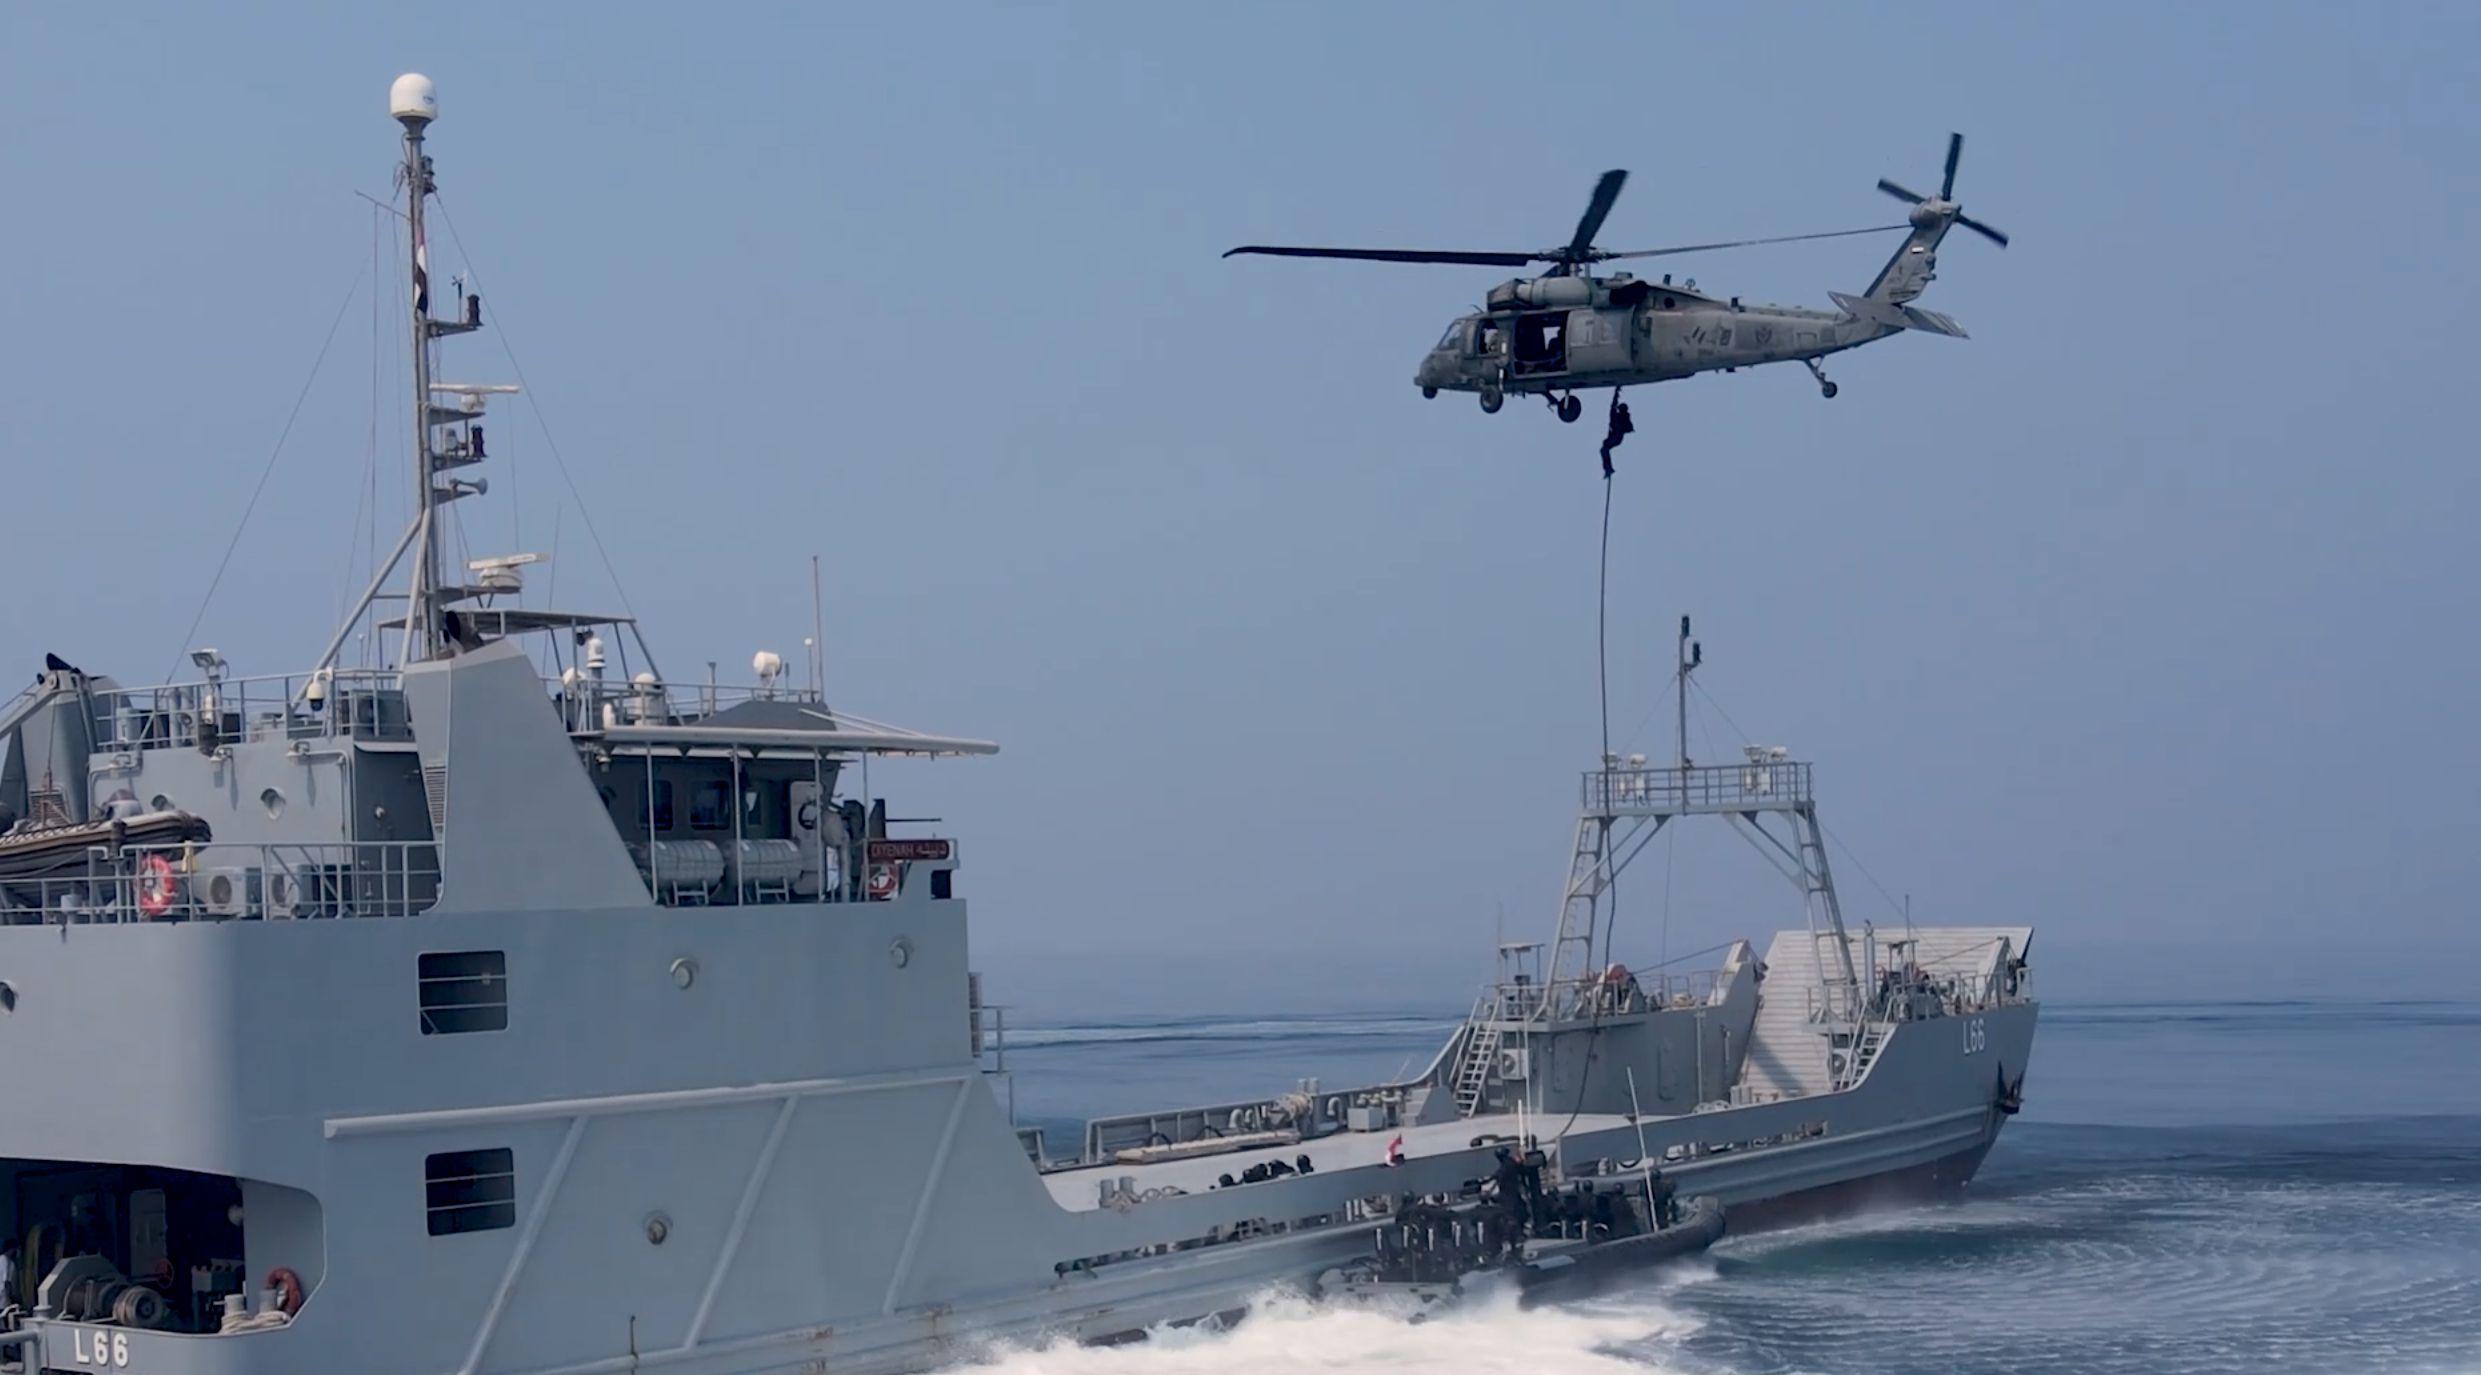 بمشاركة البحرية والقوات الخاصة ختام التدريب البحرى المصري  الإماراتي المشترك زايد